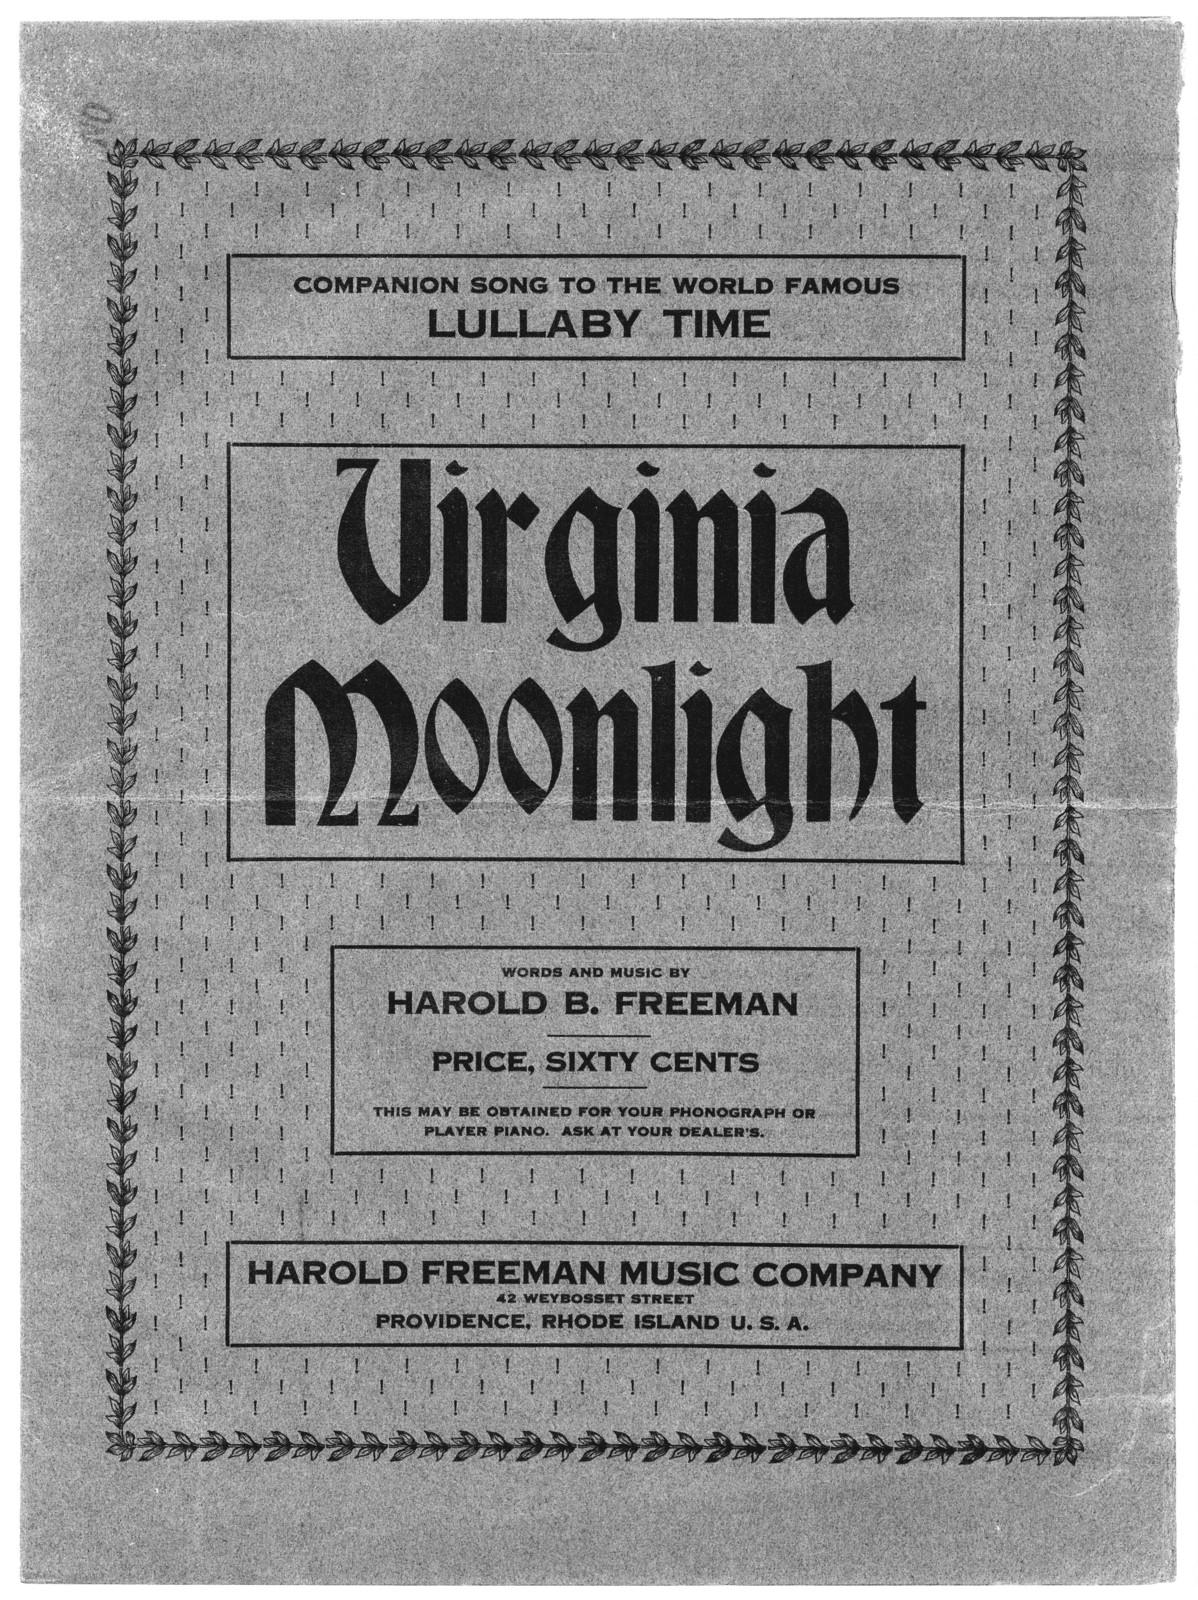 Virginia moonlight